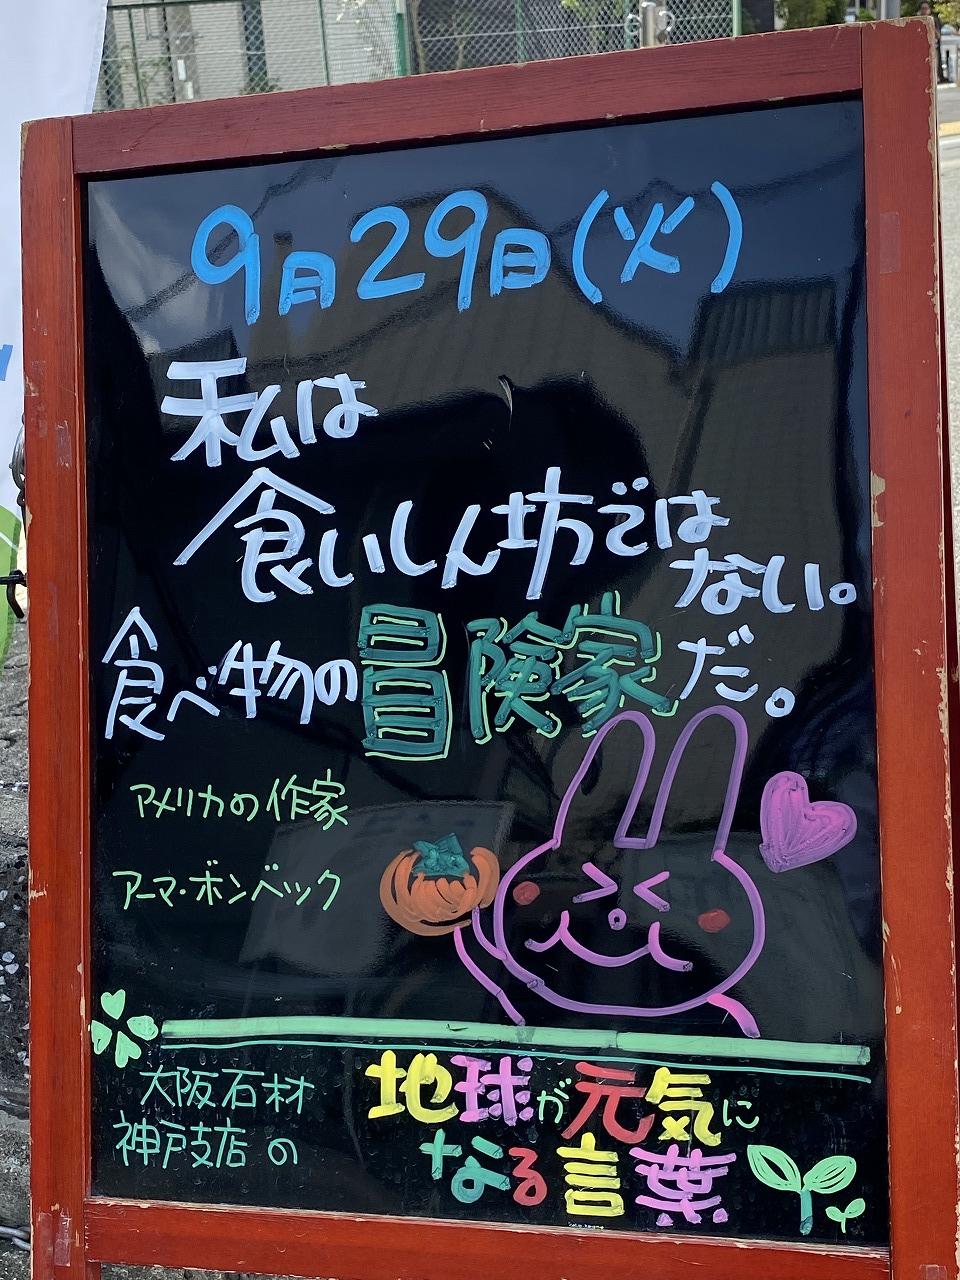 神戸の墓石店「地球が元気になる言葉」の写真 2020年9月29日